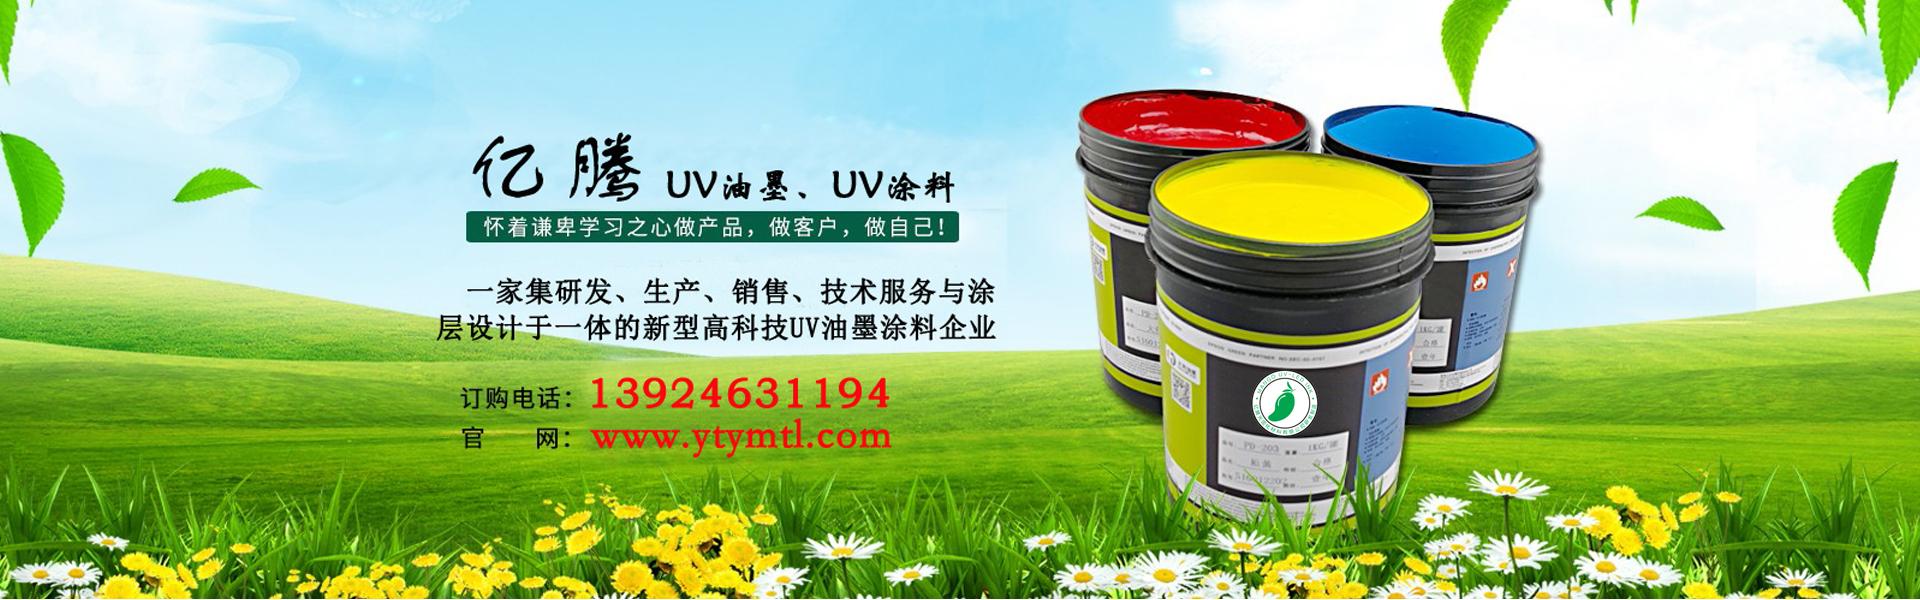 亿腾-UV涂料